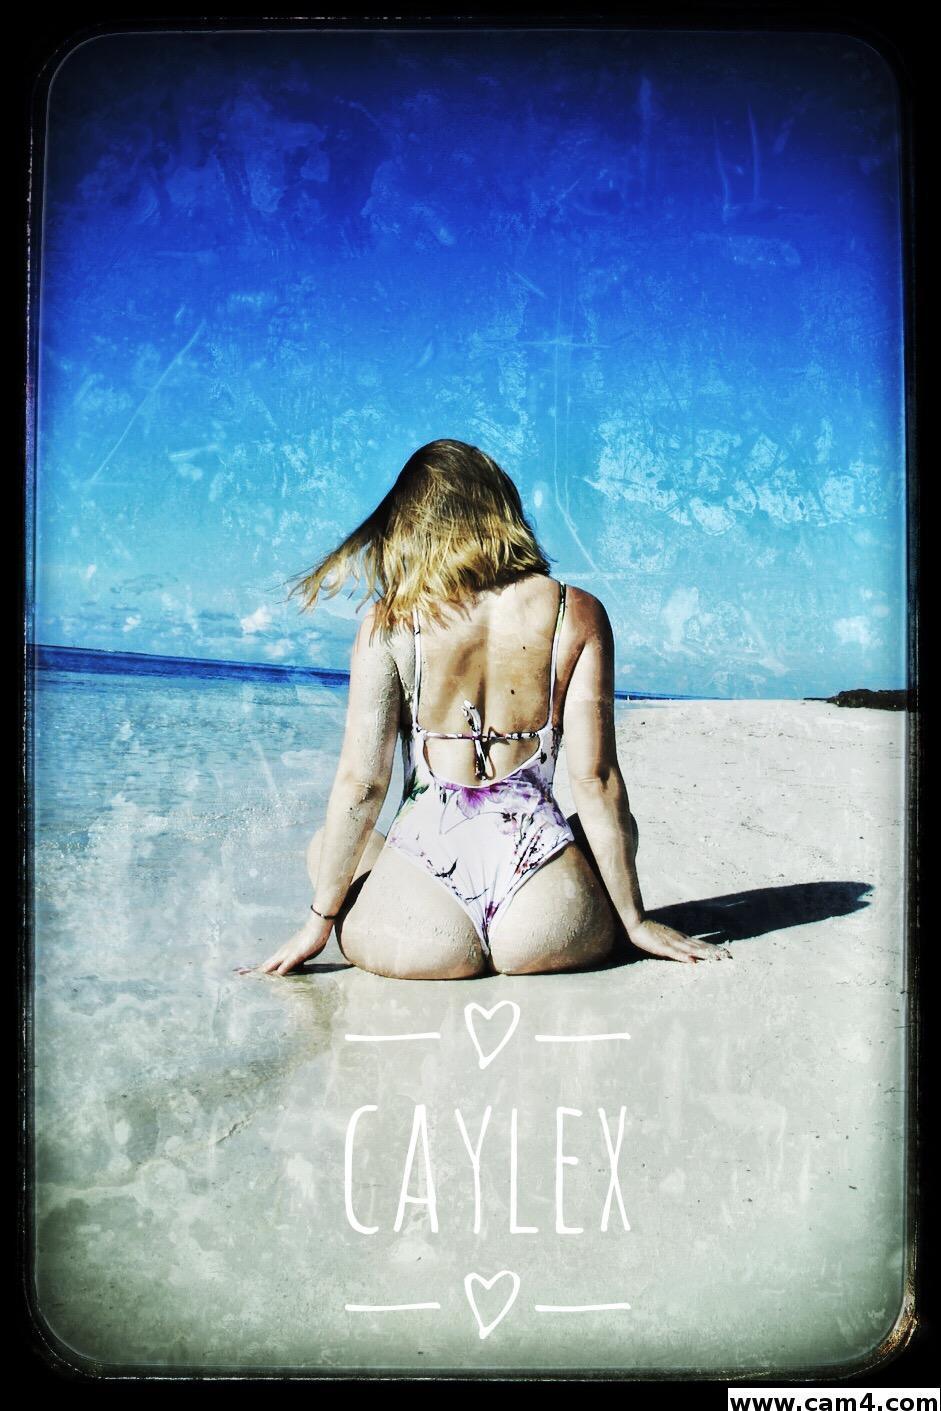 Caylex1?s=mvshvyf9ol42rhau8zlsdbgicyesm2fbh8qwehc4io8=